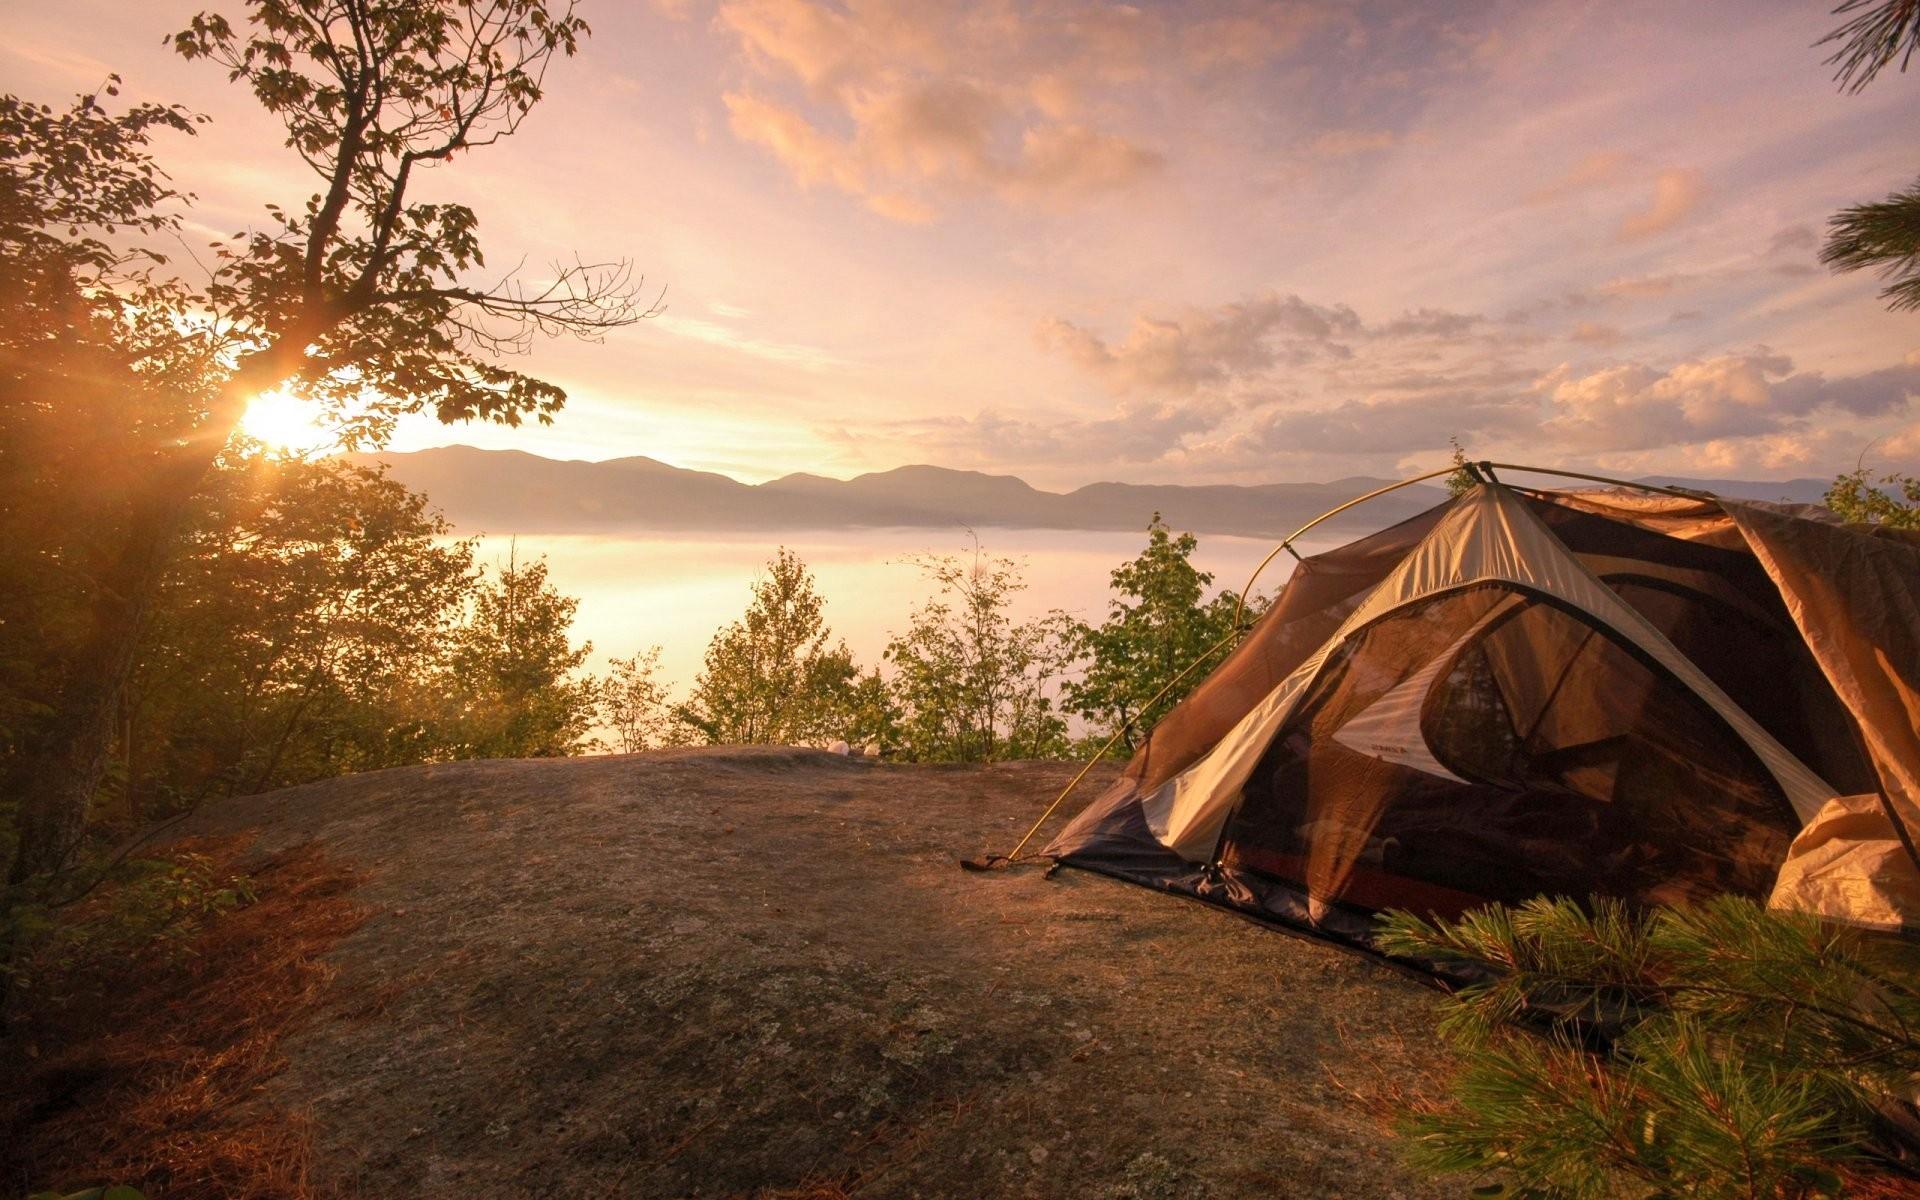 acampar no inverno